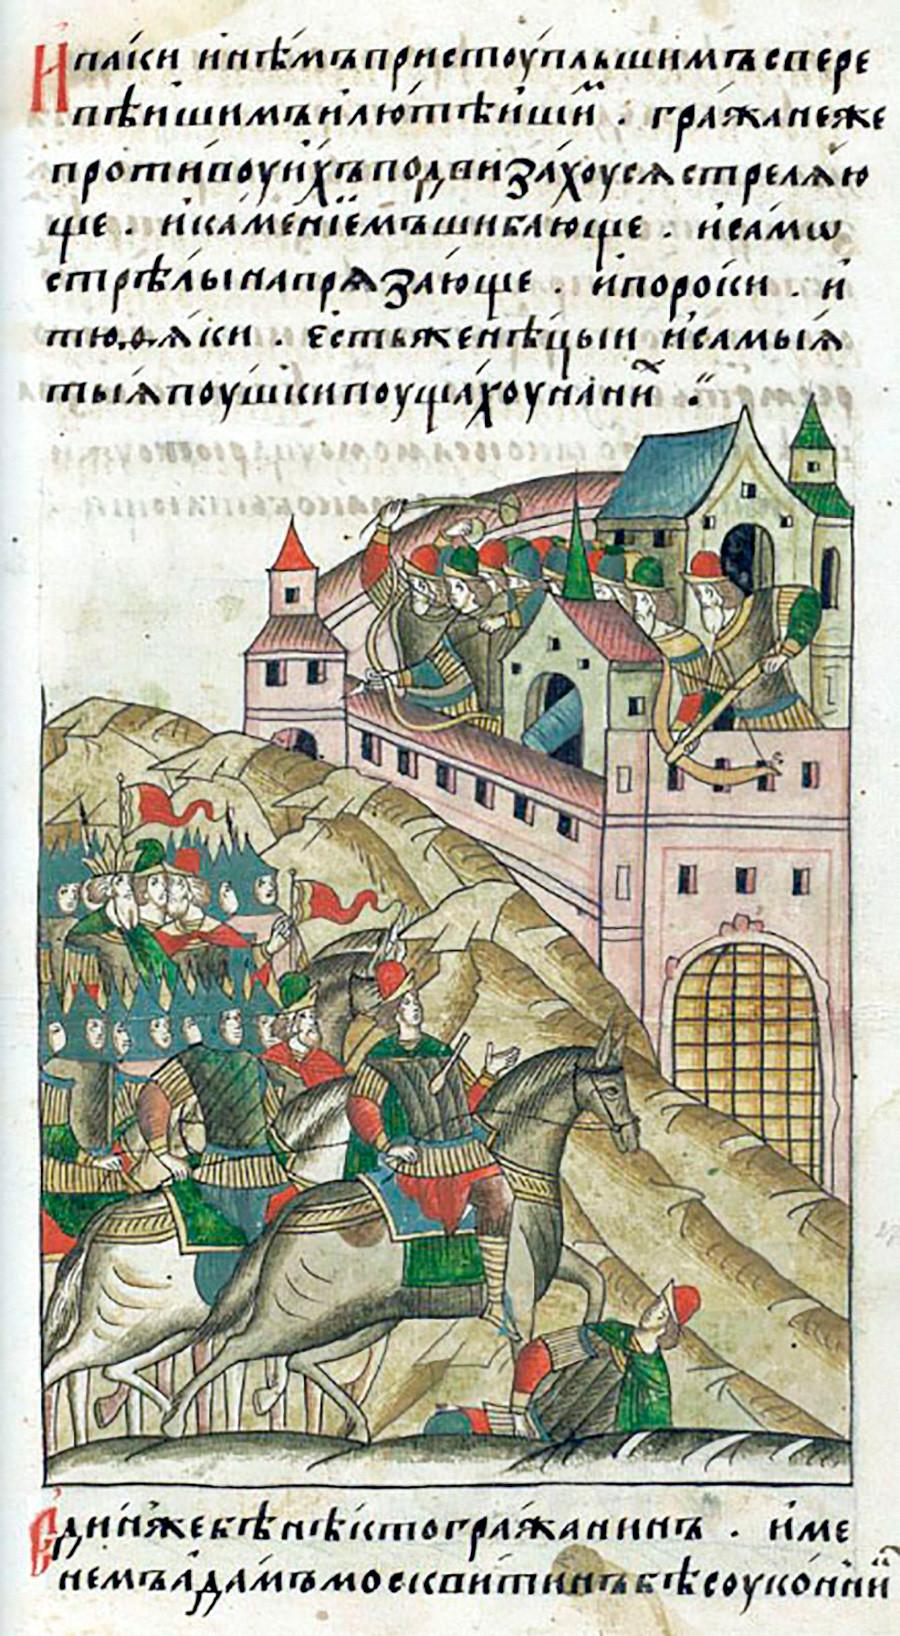 Pengepungan Khan Tokhtamysh atas Moskow, 1382. Ilustrasi kronik abad ke-16. Sebuah senjata benteng tergambarkan di menara tengah tembok pertahanan kota.